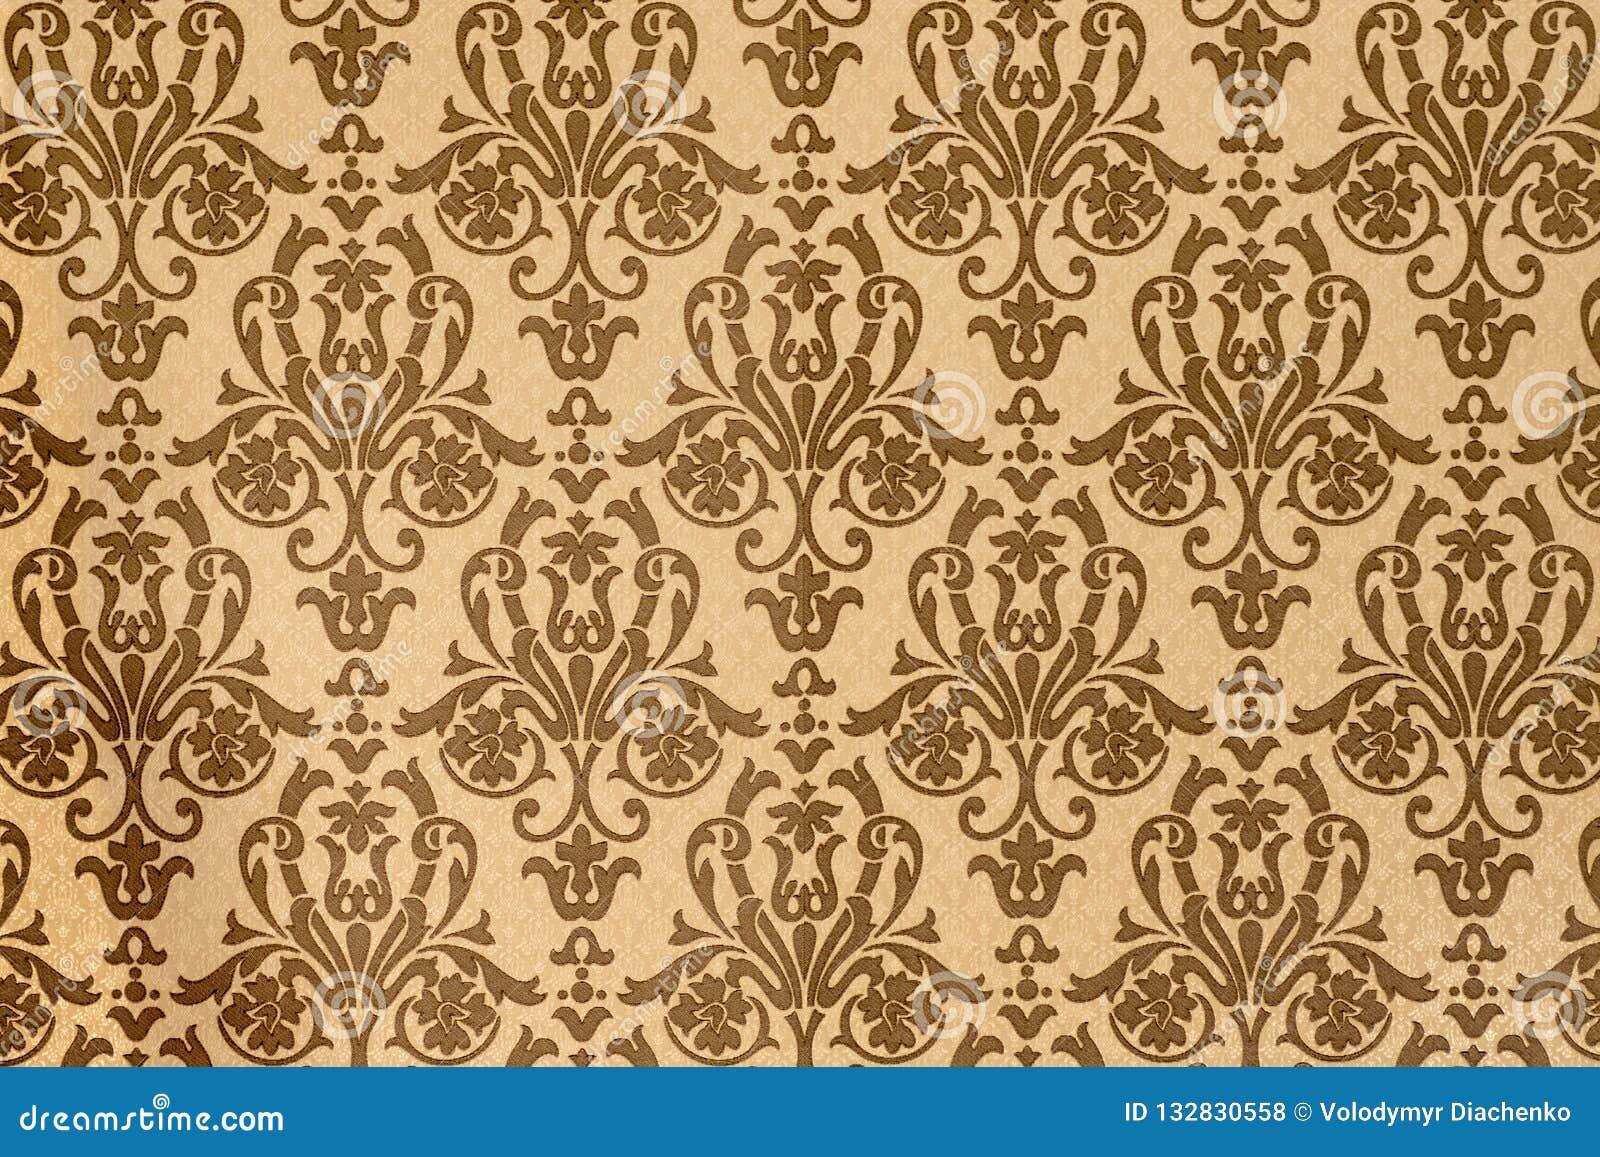 Elemento da decoração interior da casa teste padrão do Brown-café de papéis de parede barrocos do estilo